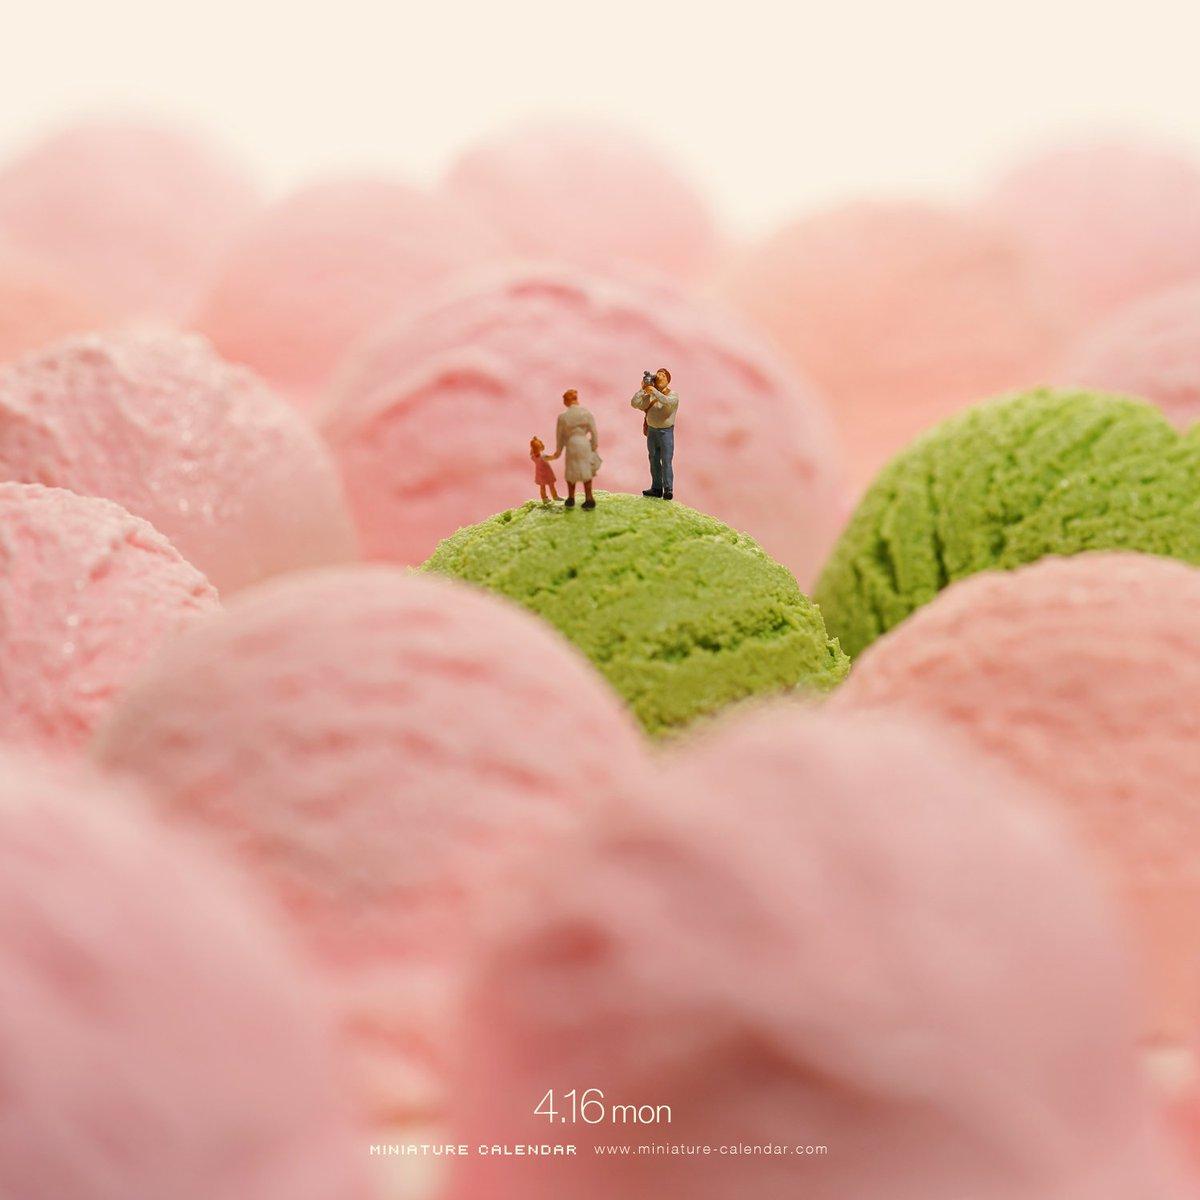 早くしないと桜がチルド   #アイス #ストロベリー #桜